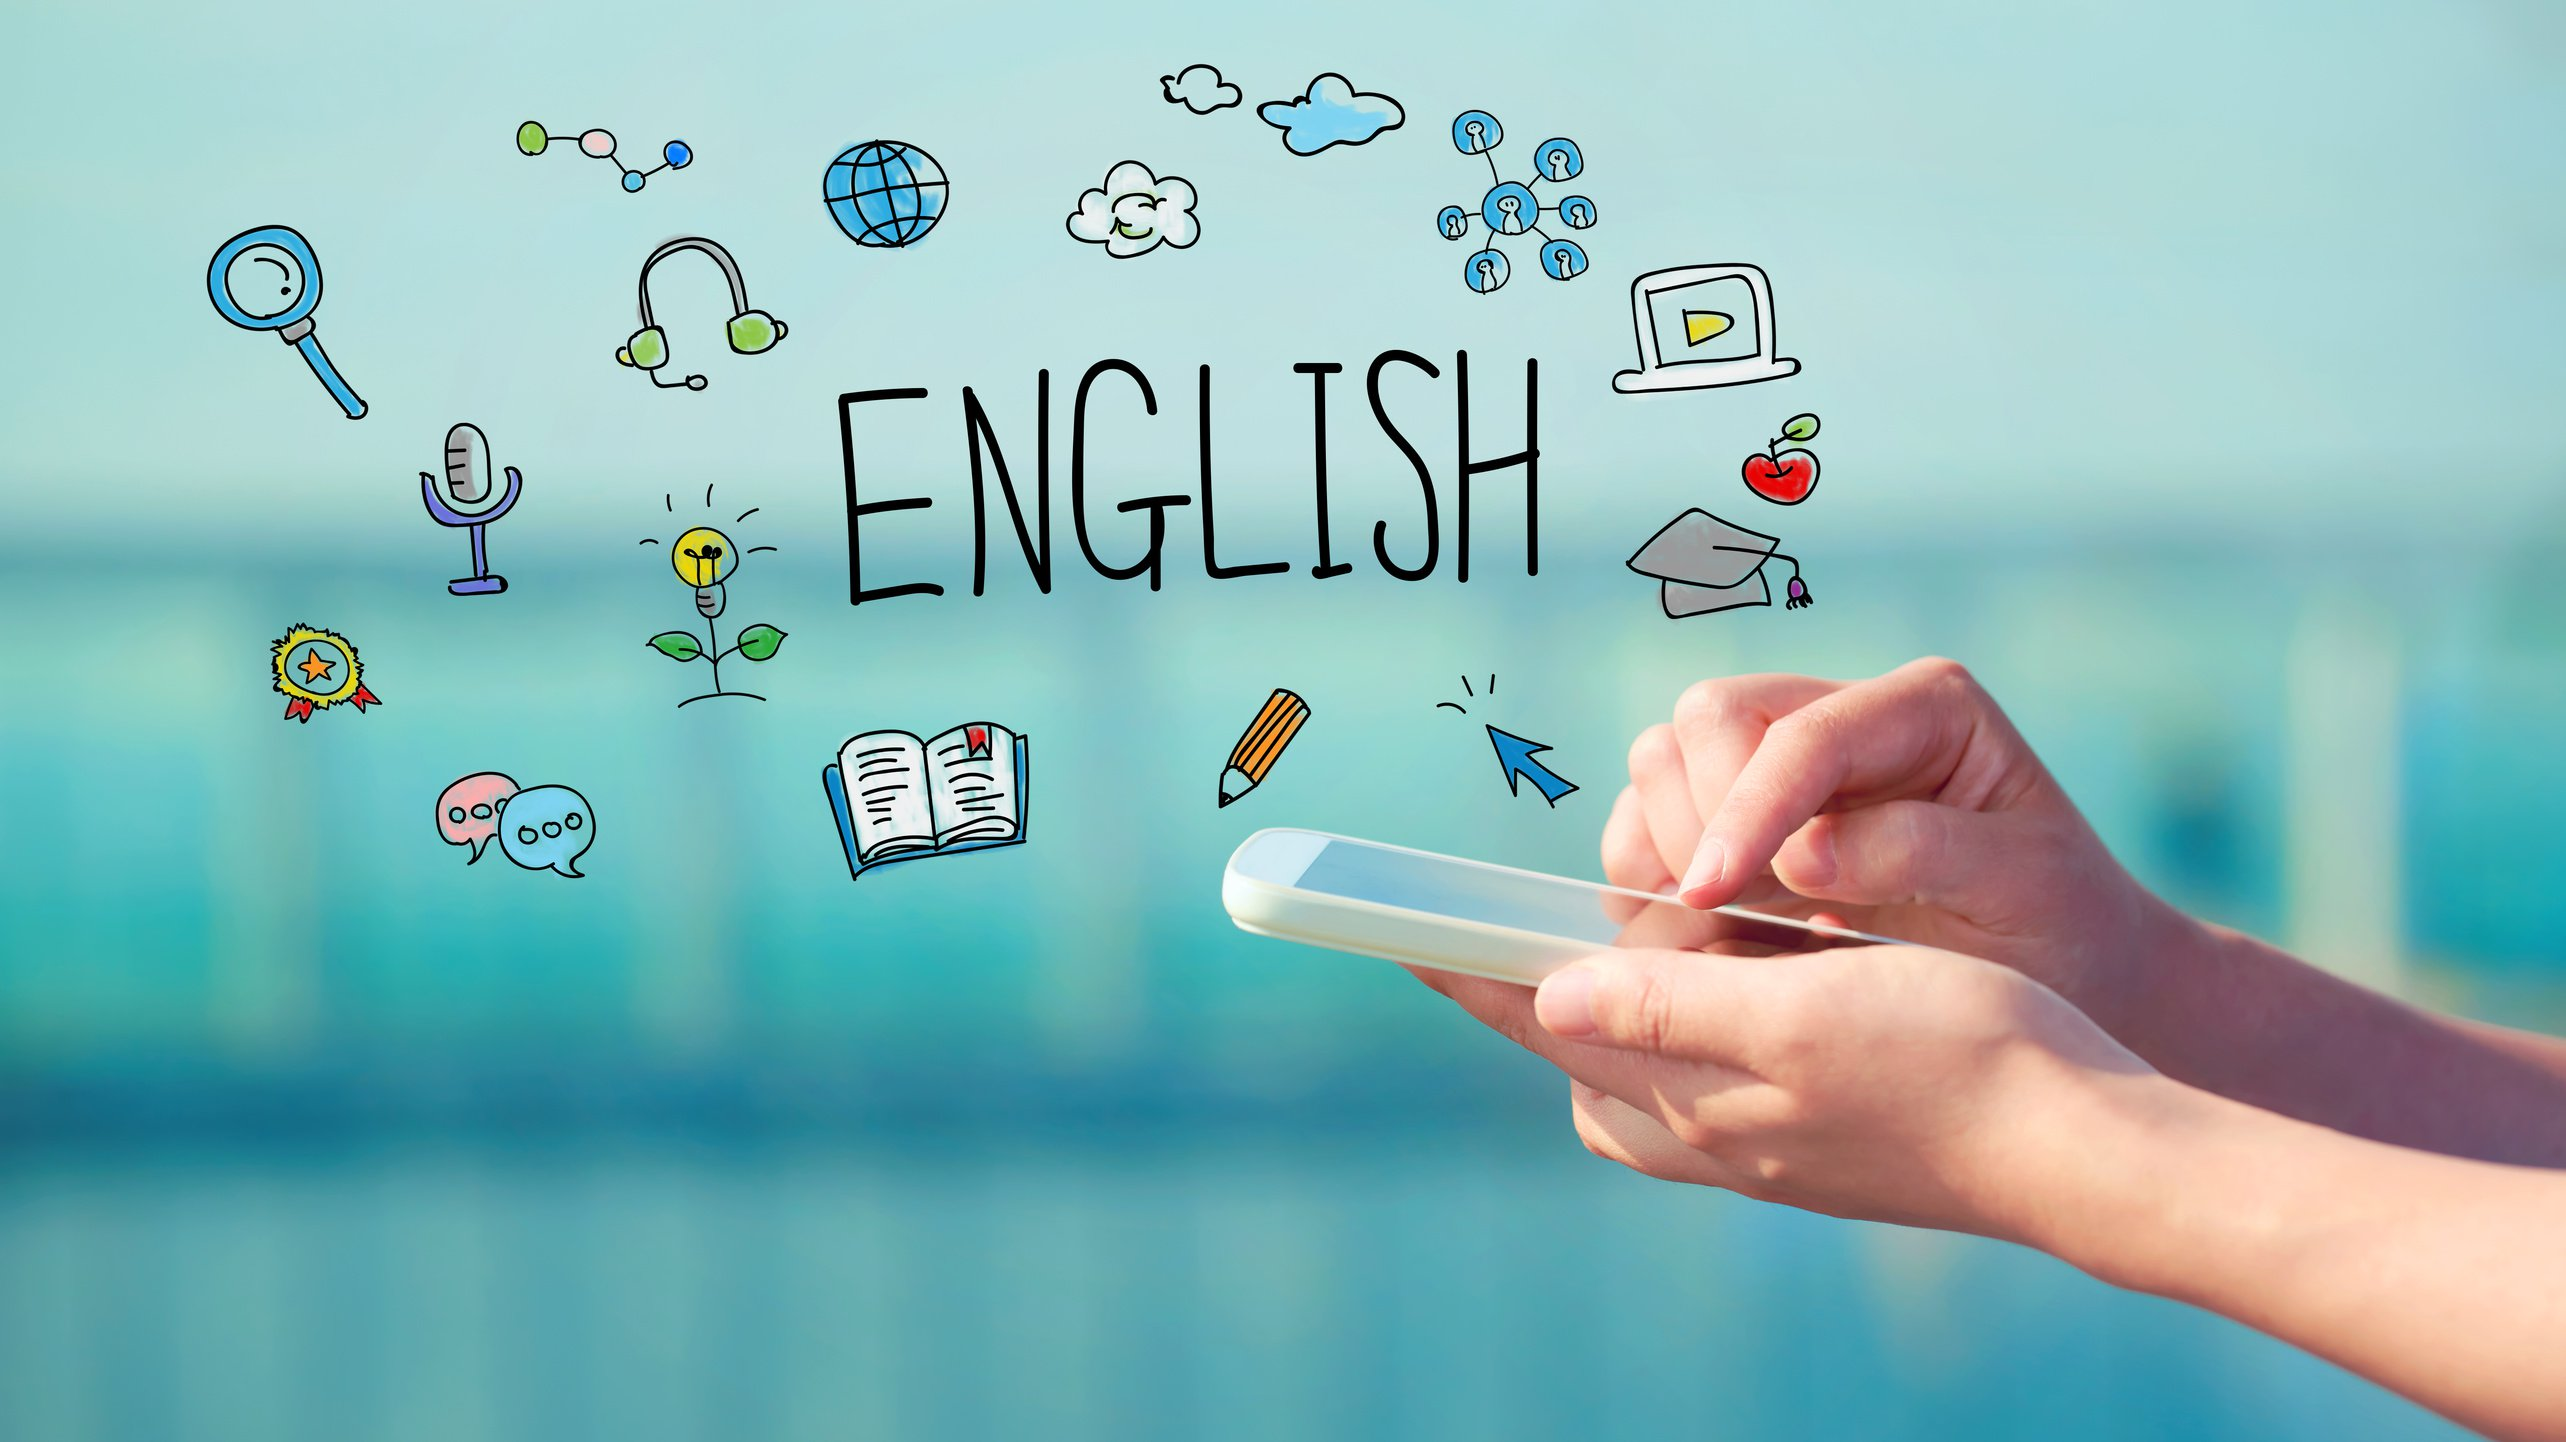 أفضل تطبيقات لتعلم اللغة الإنجليزية